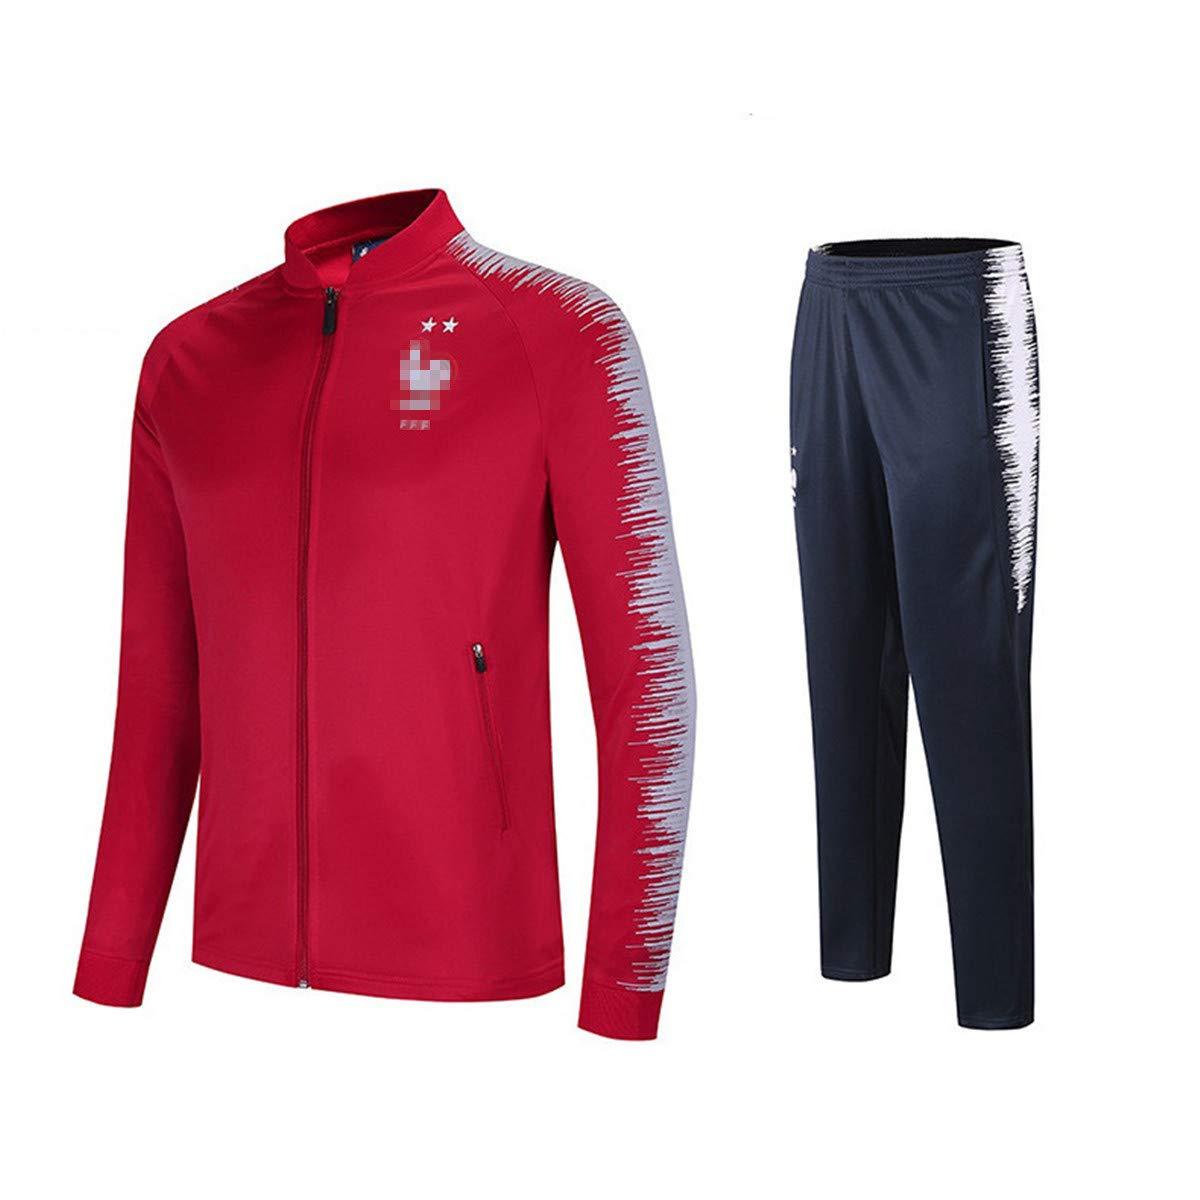 6300ce0f1834c Survêtement Homme Garçon Ensemble Hiver Vêtement Foot L'équipe de France 2  étoiles Champion du Monde